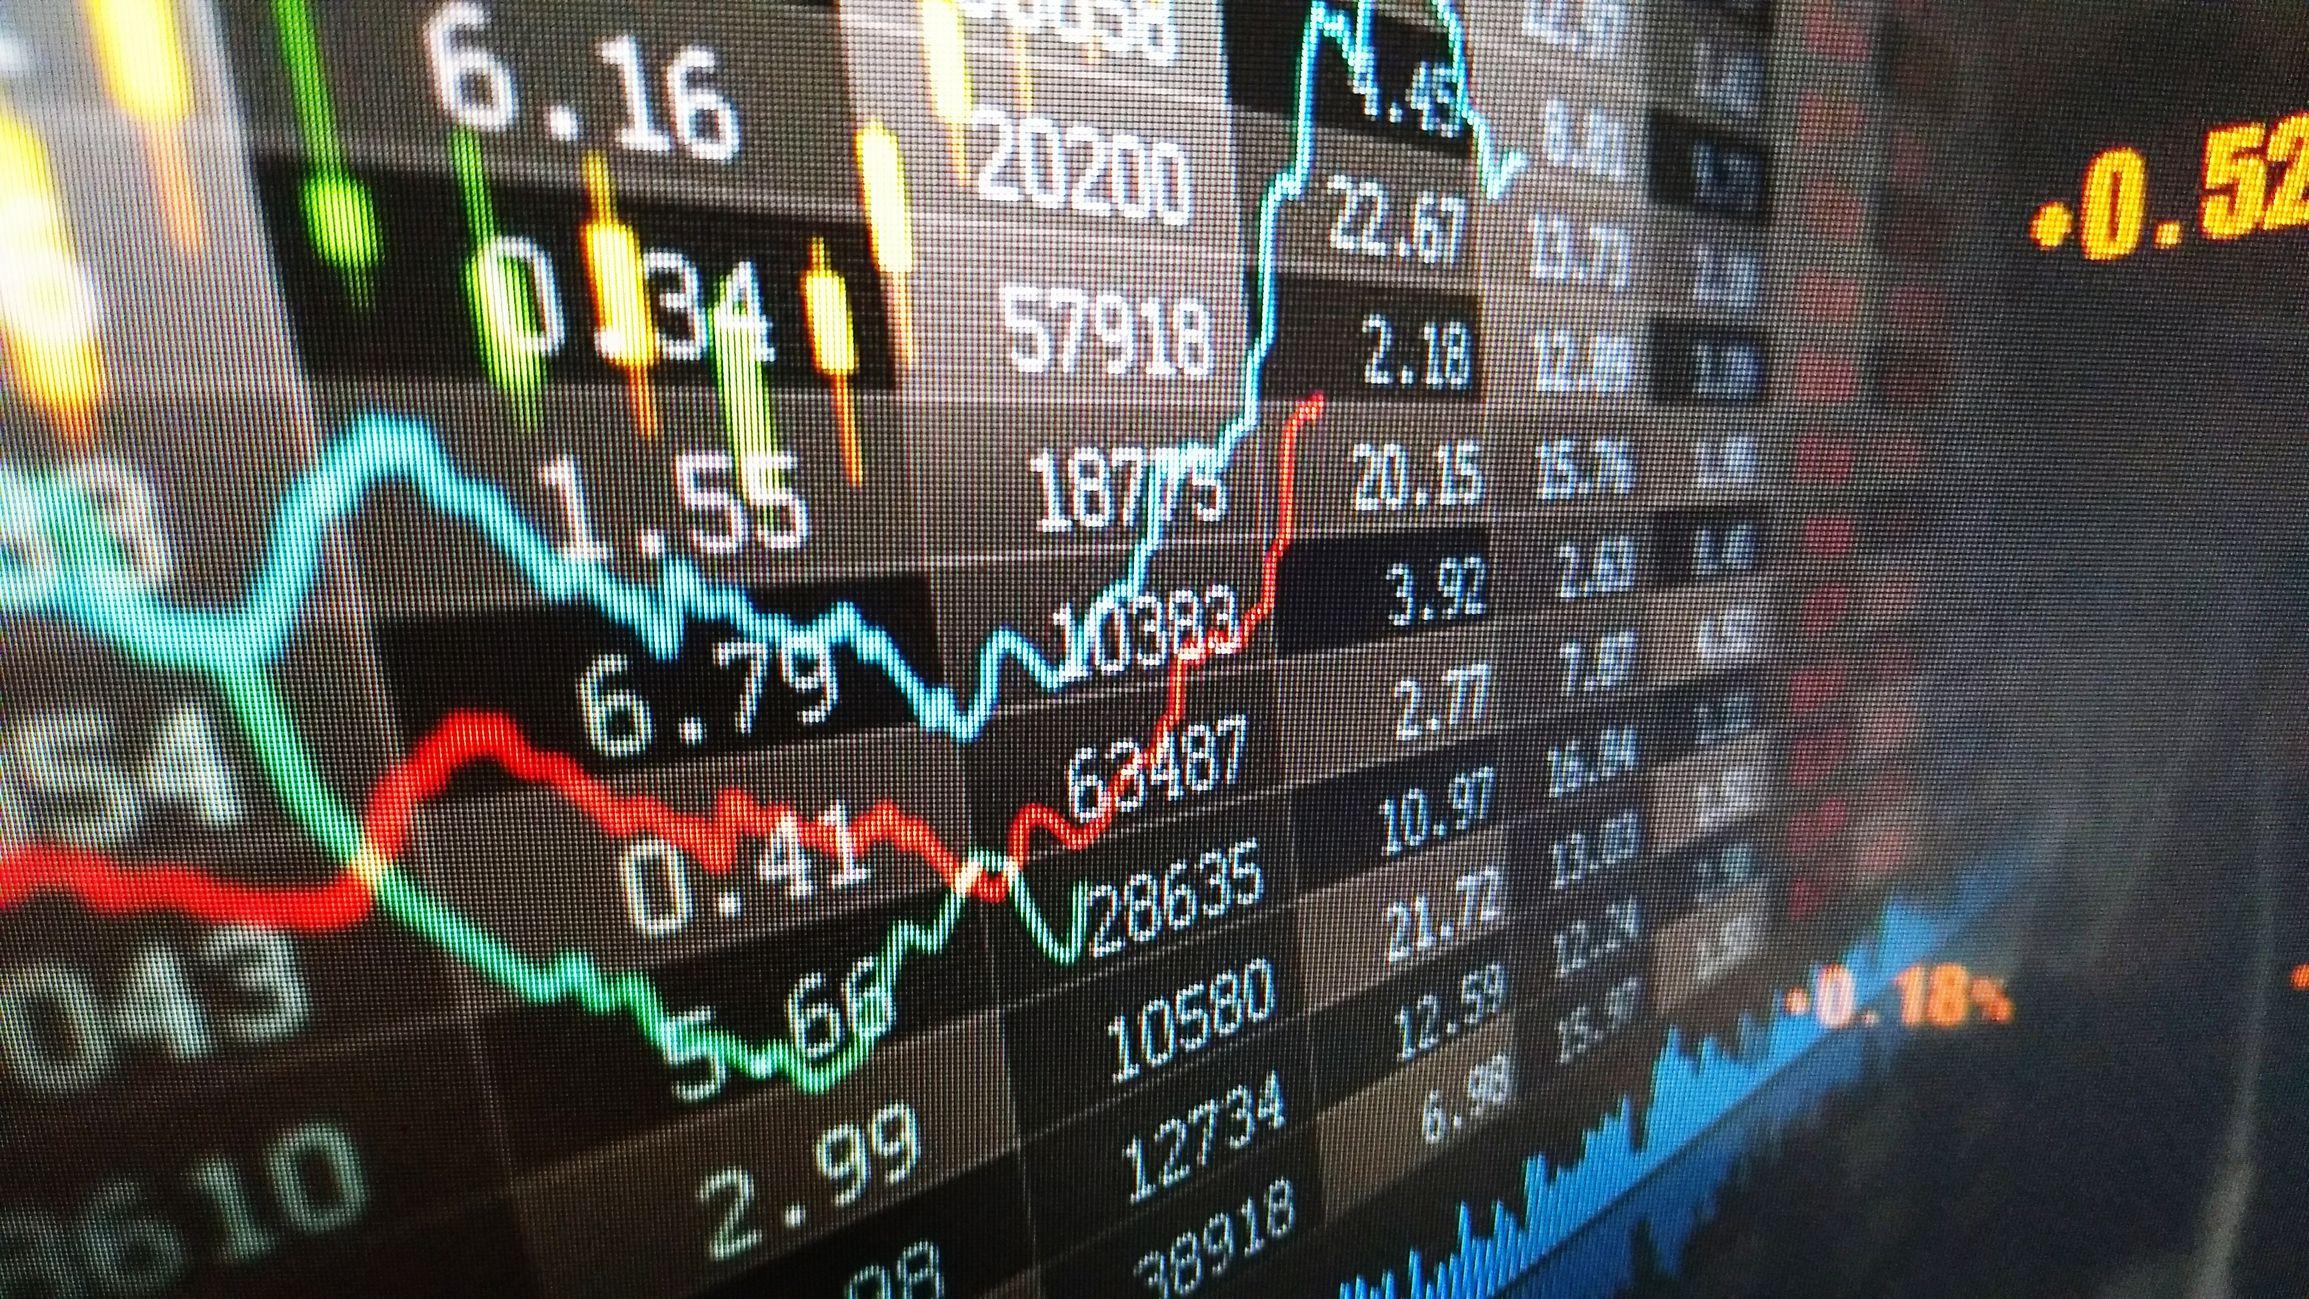 Qué es una bolsa de valores?